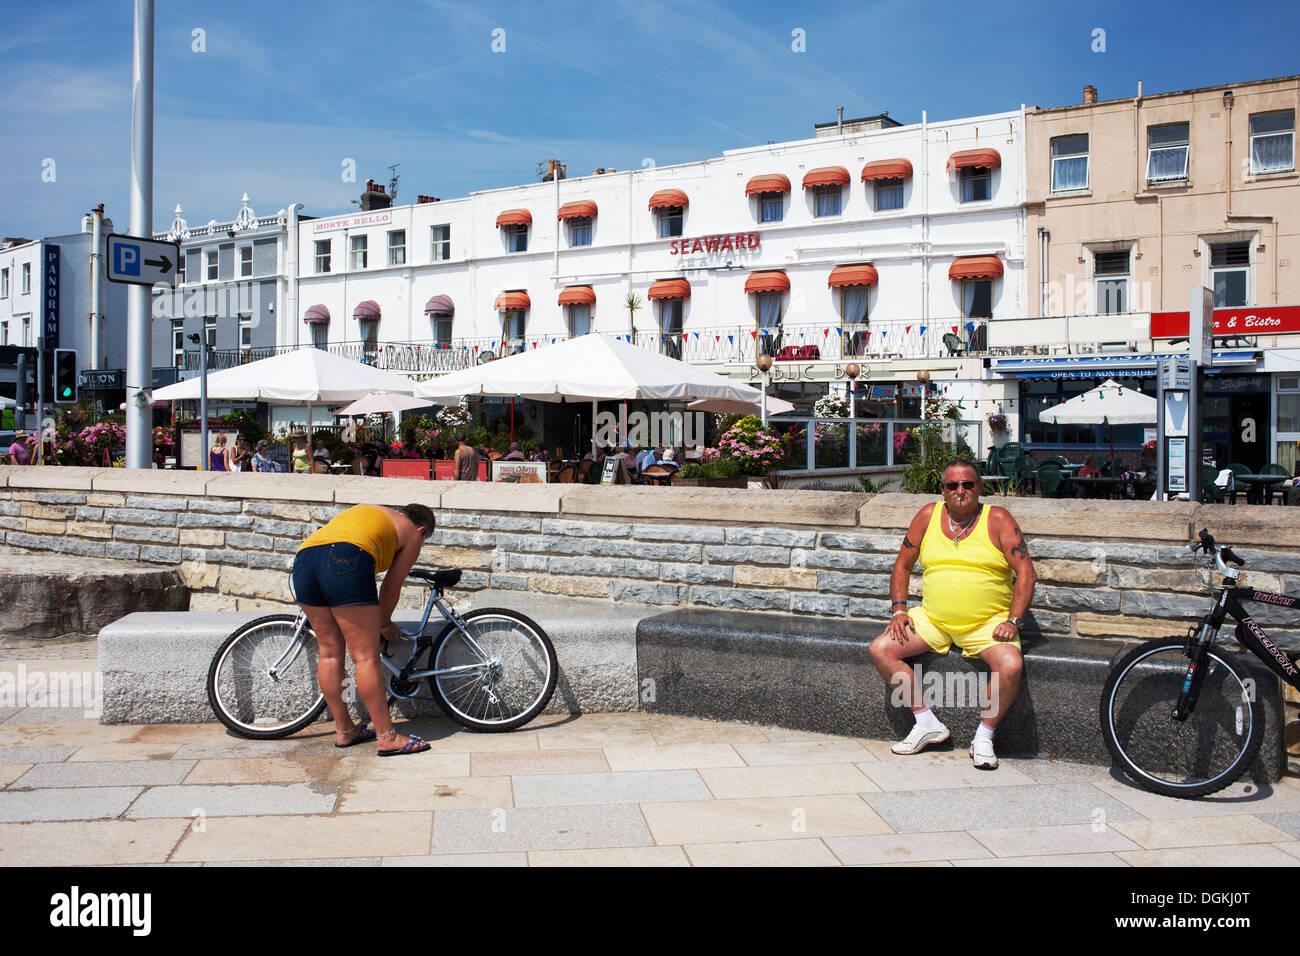 Weston Super Mare promenade and bars. - Stock Image